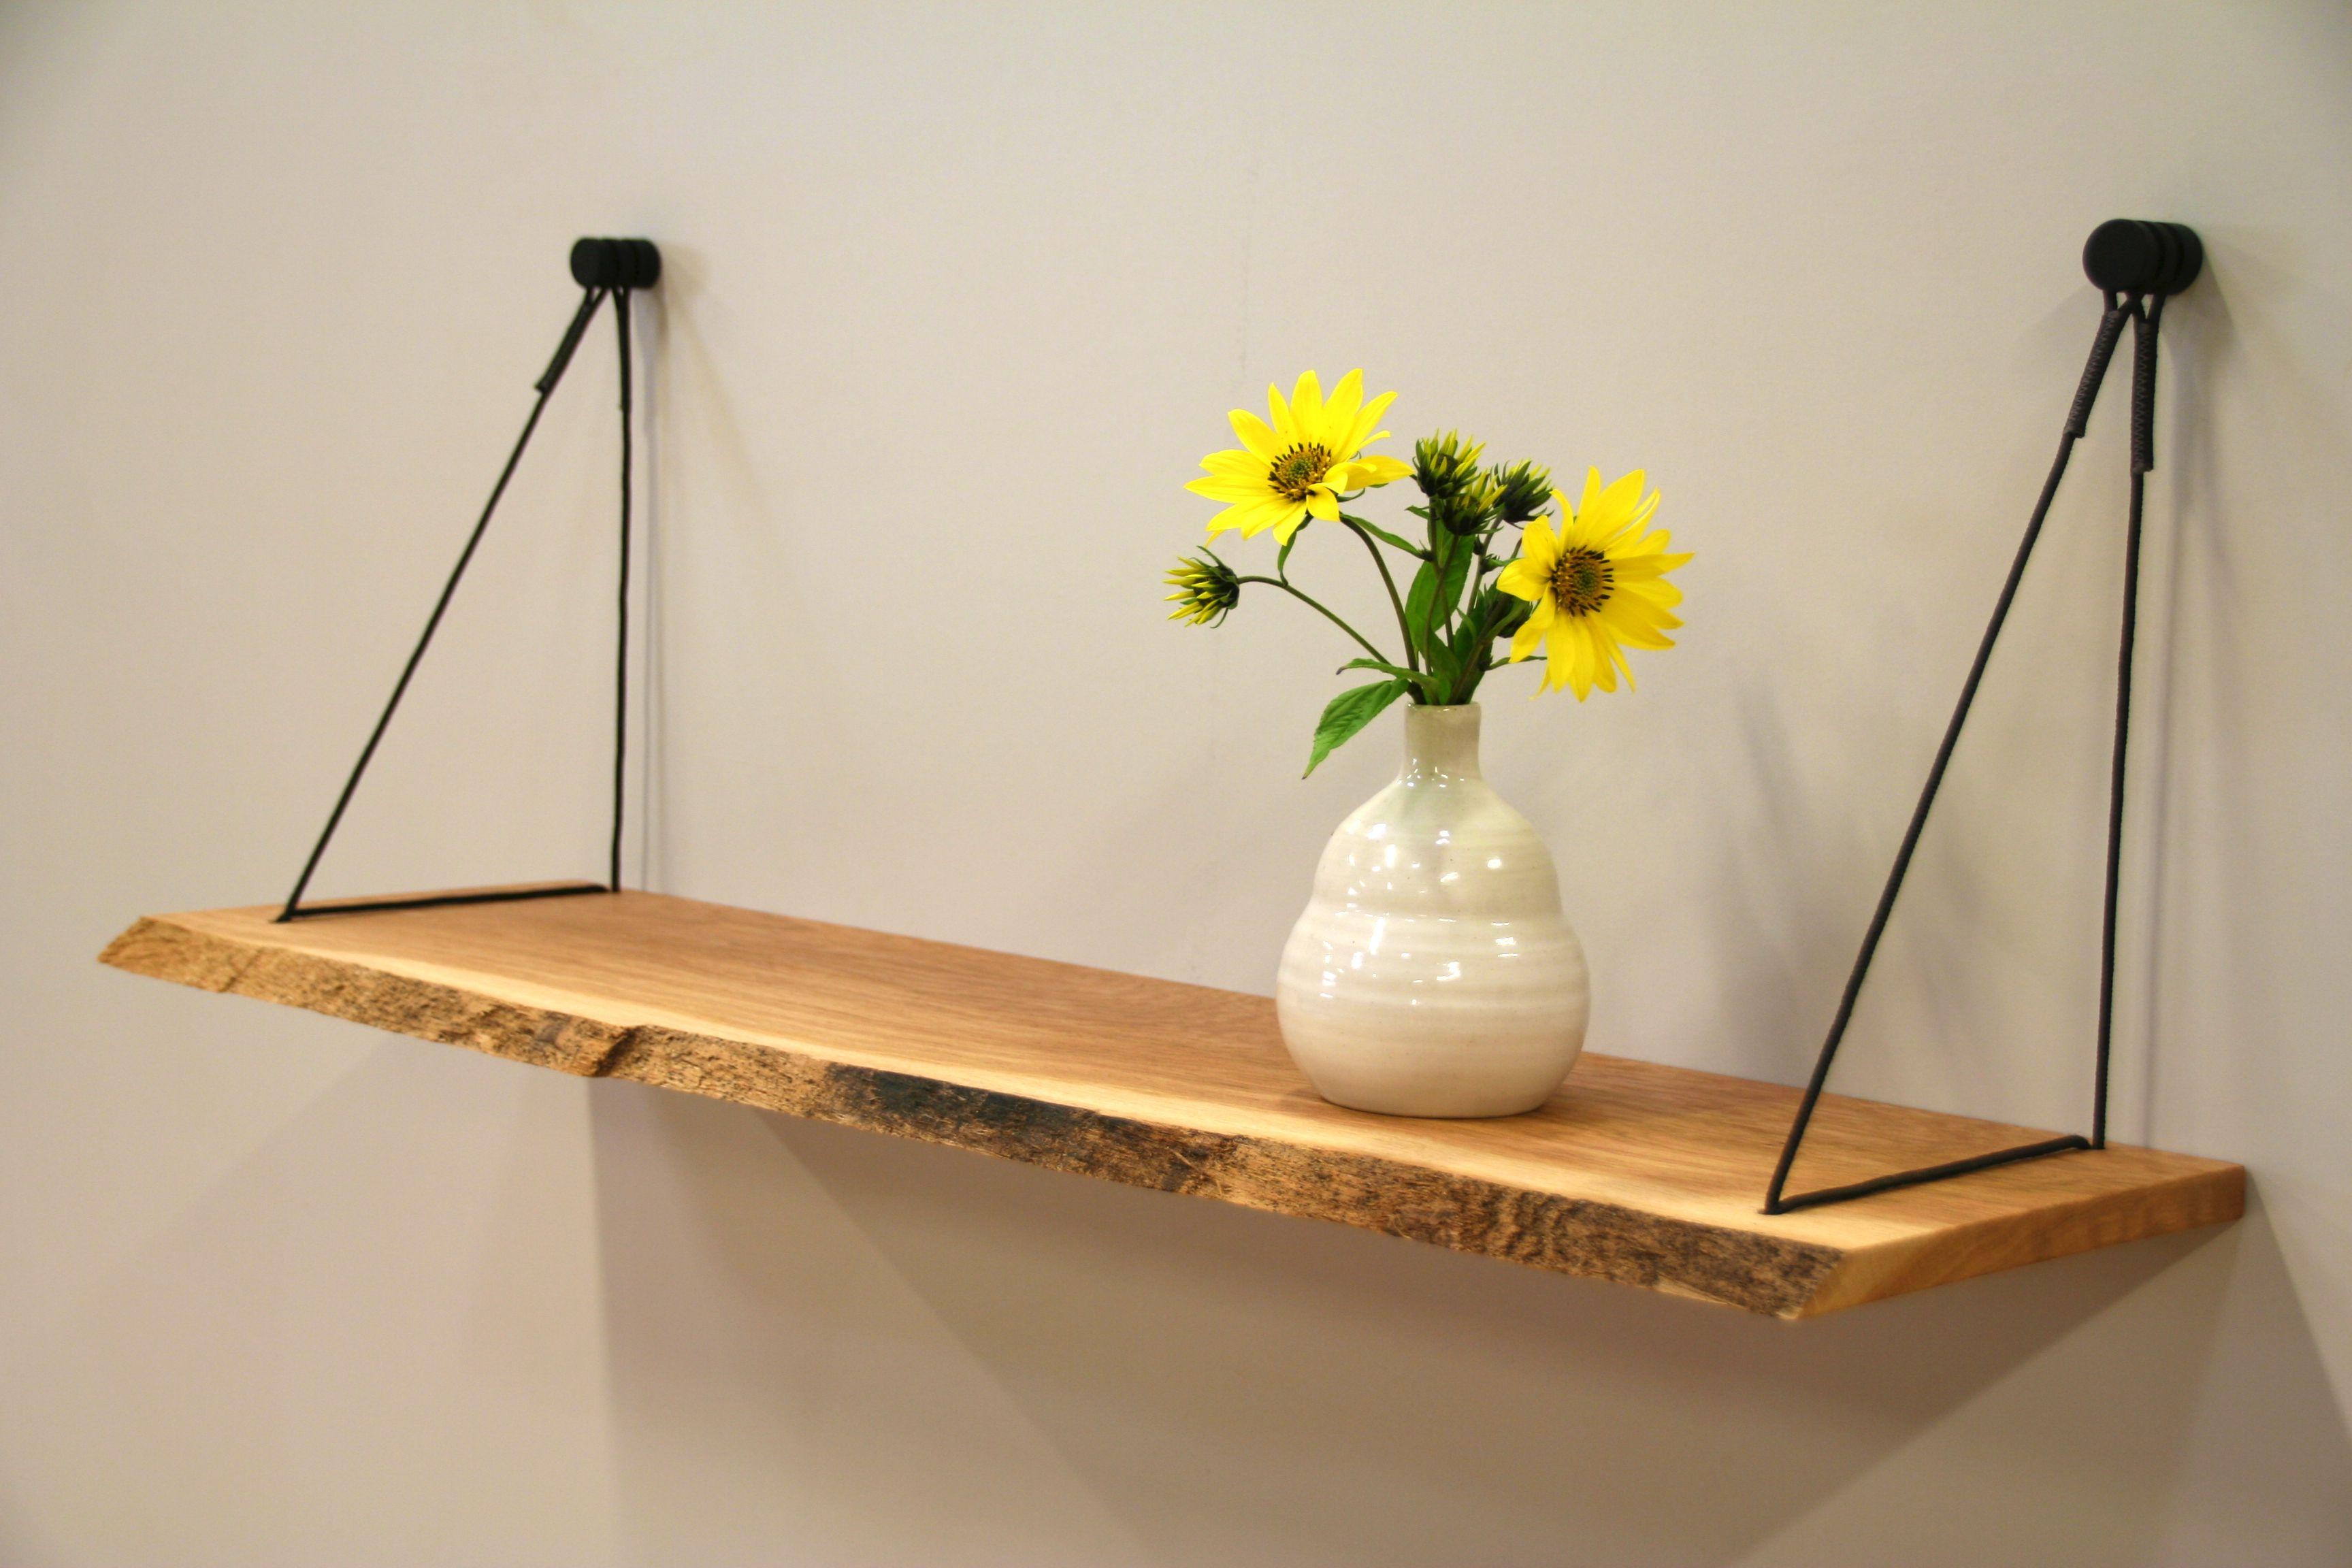 Wandplank met boomstam vorm hangplank sling uniek ophangsysteem